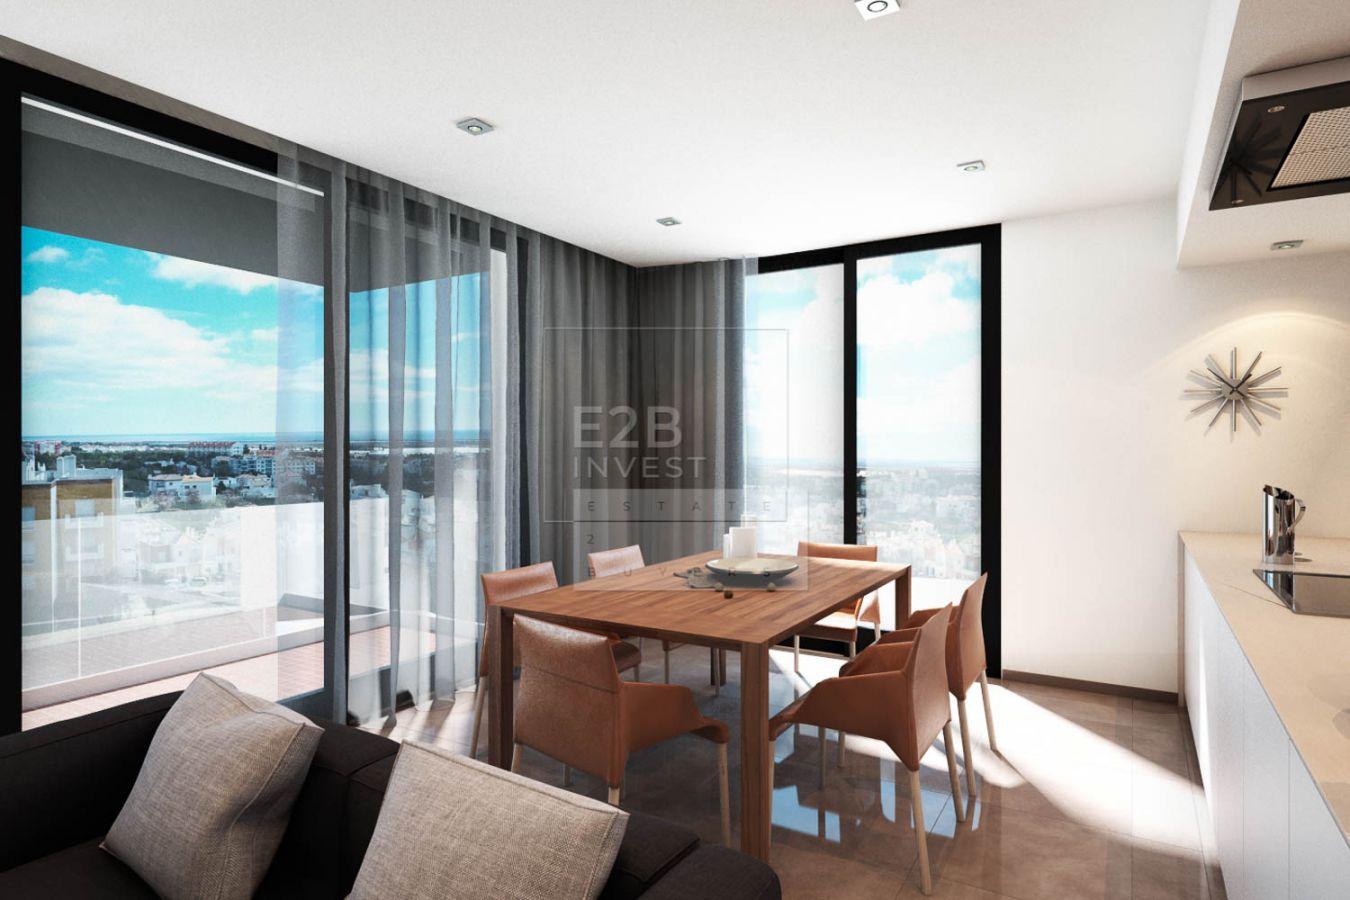 E2B-Invest-appartement-PATA00010-03